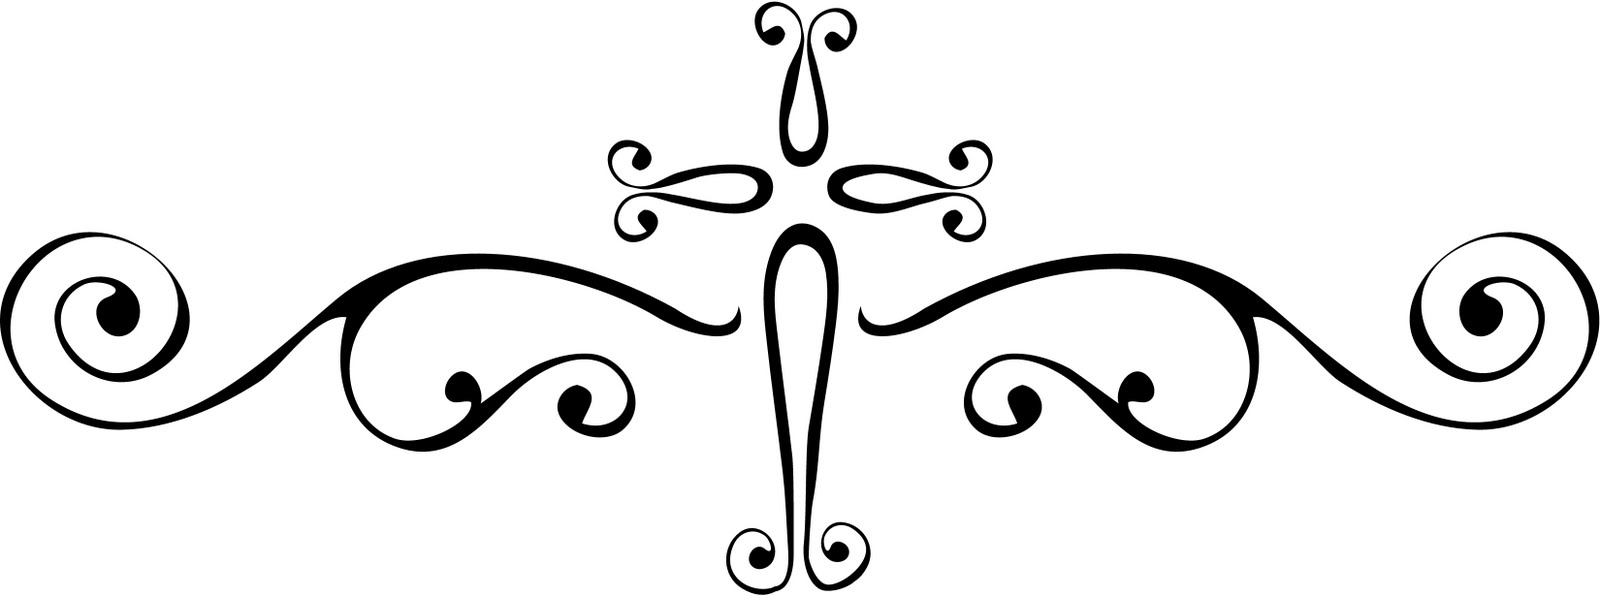 1600x596 Filigree Cross Clipart